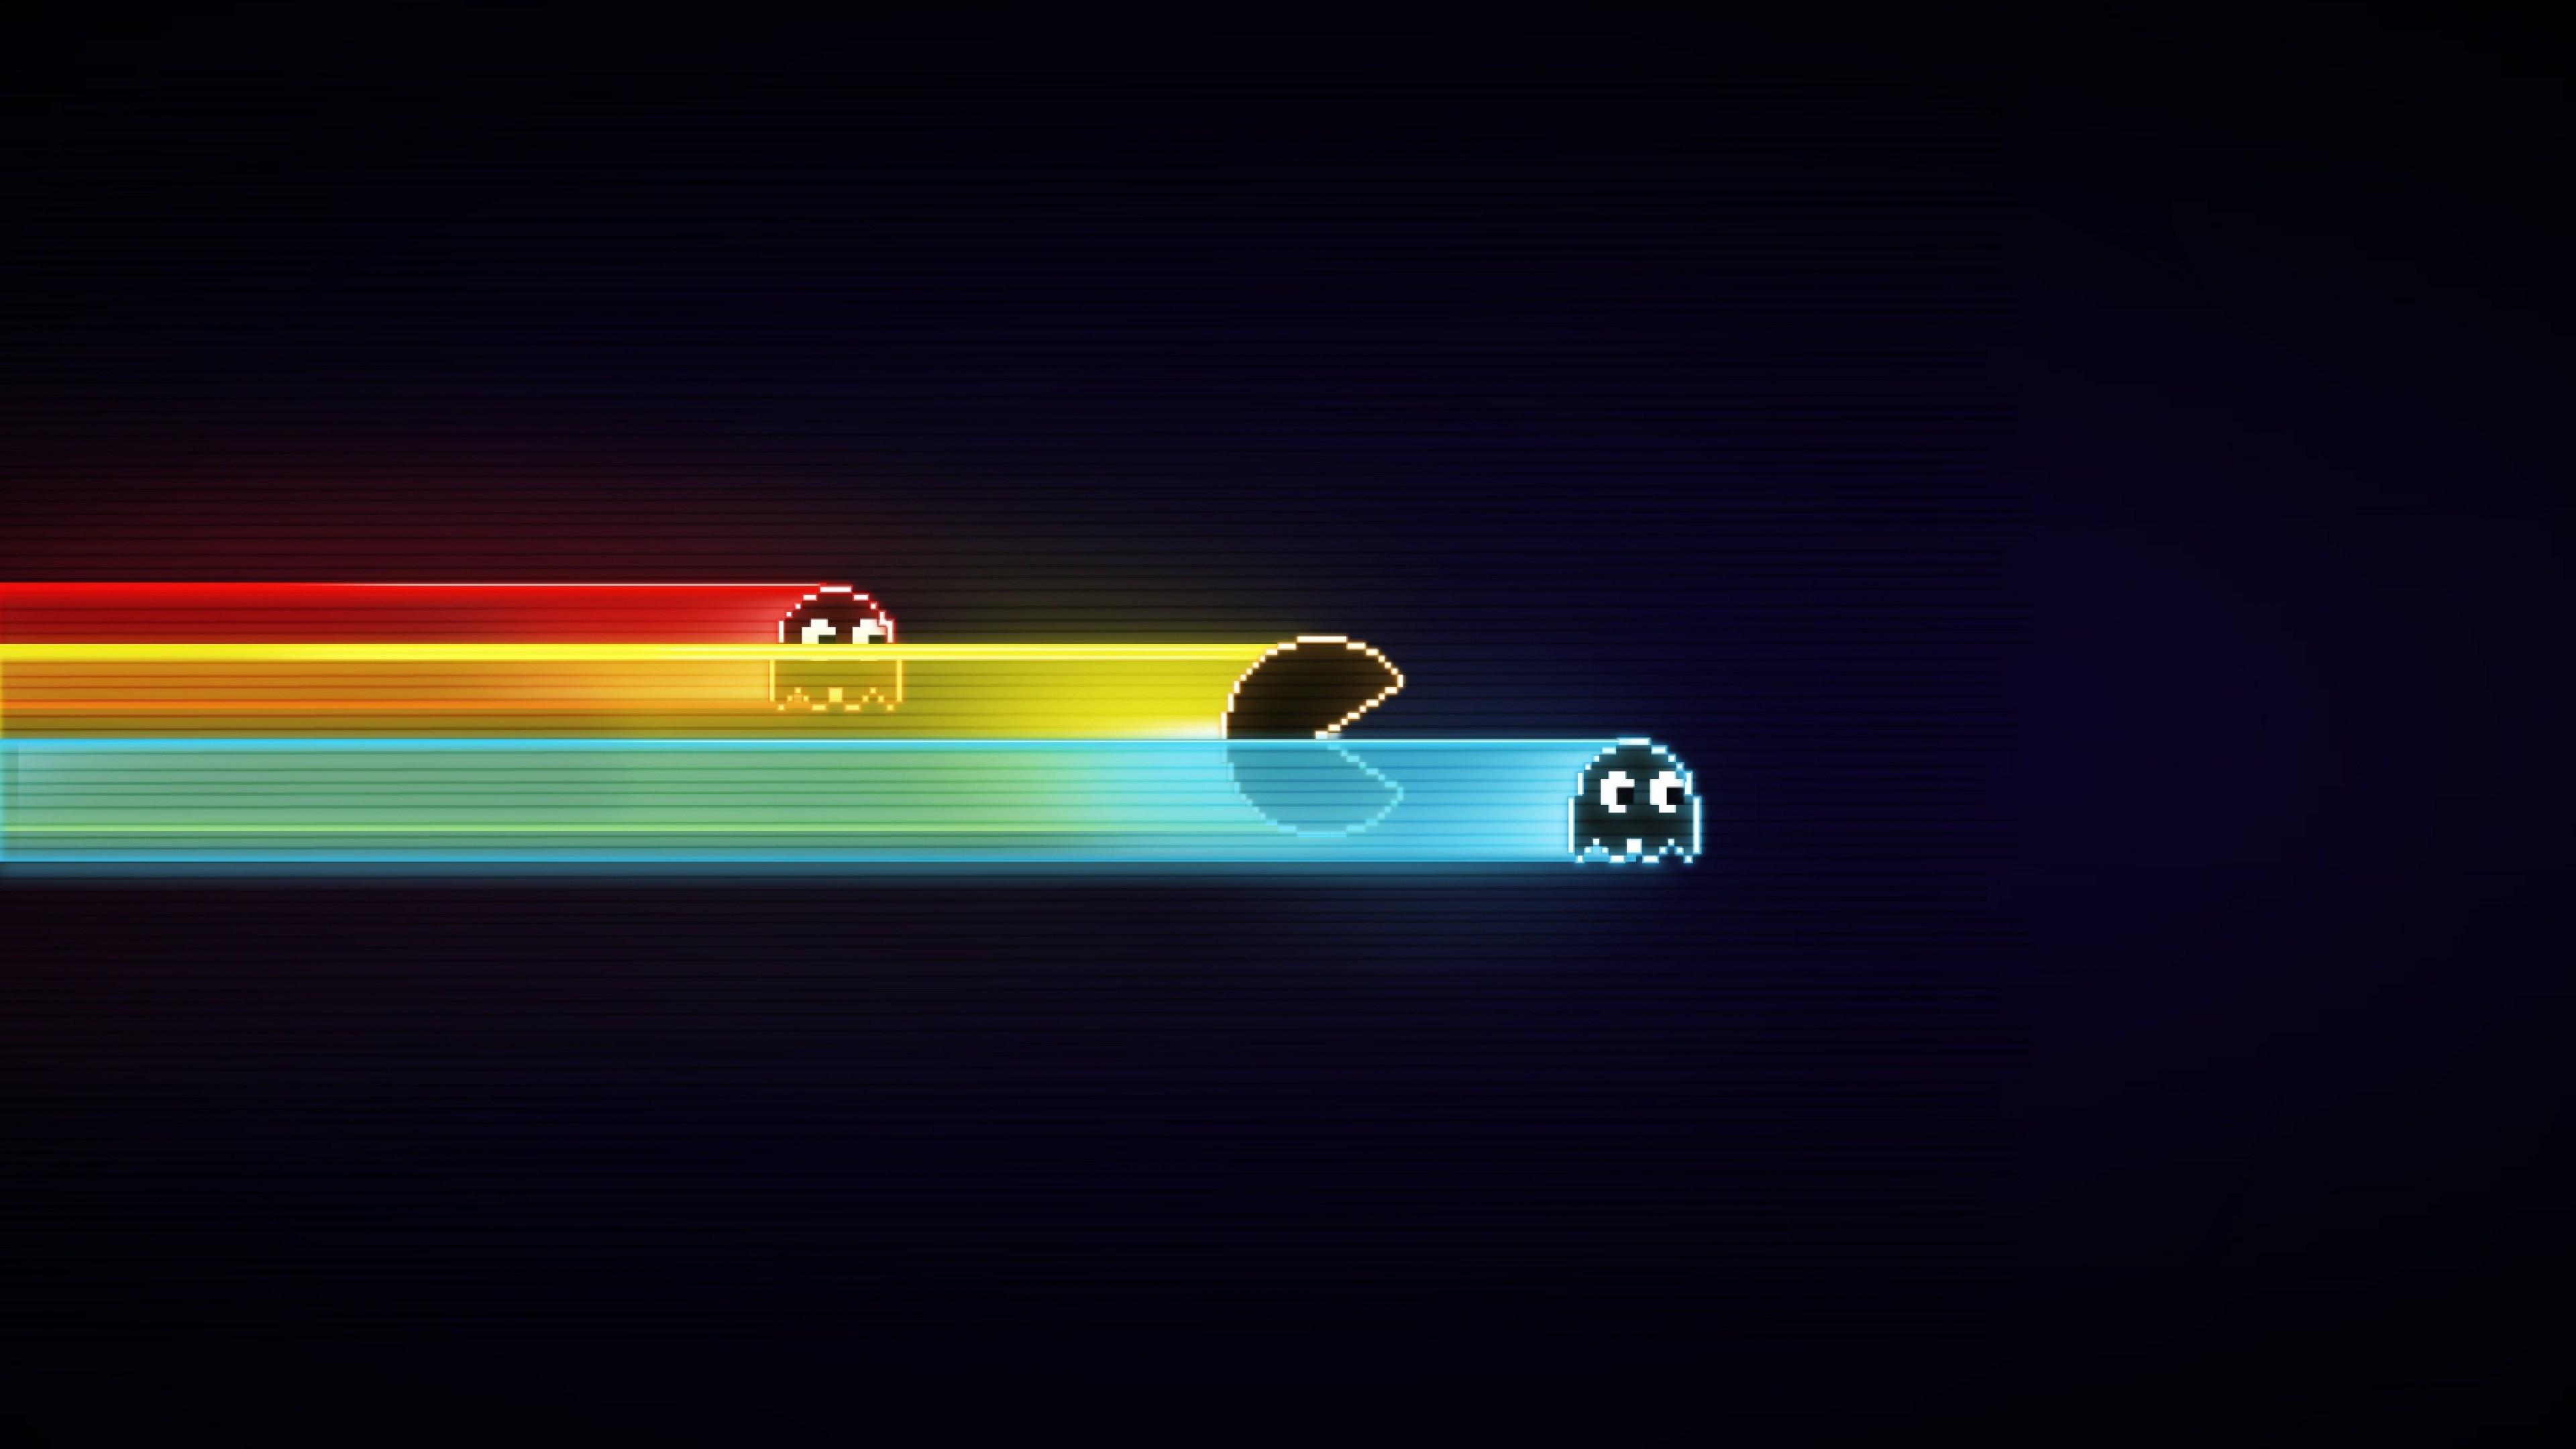 PacMan Pixel Wallpaper